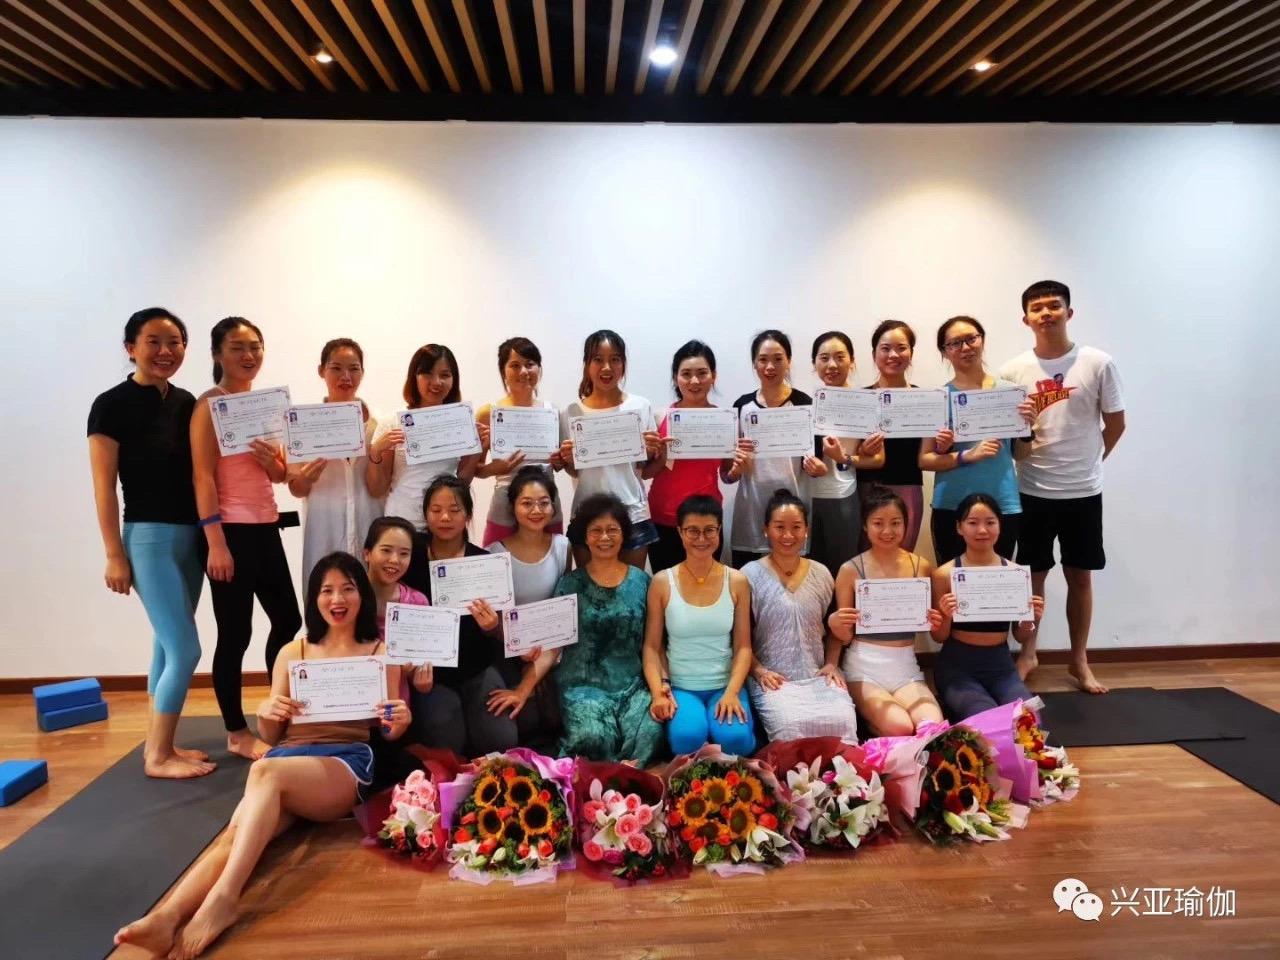 广州瑜伽教师培训班